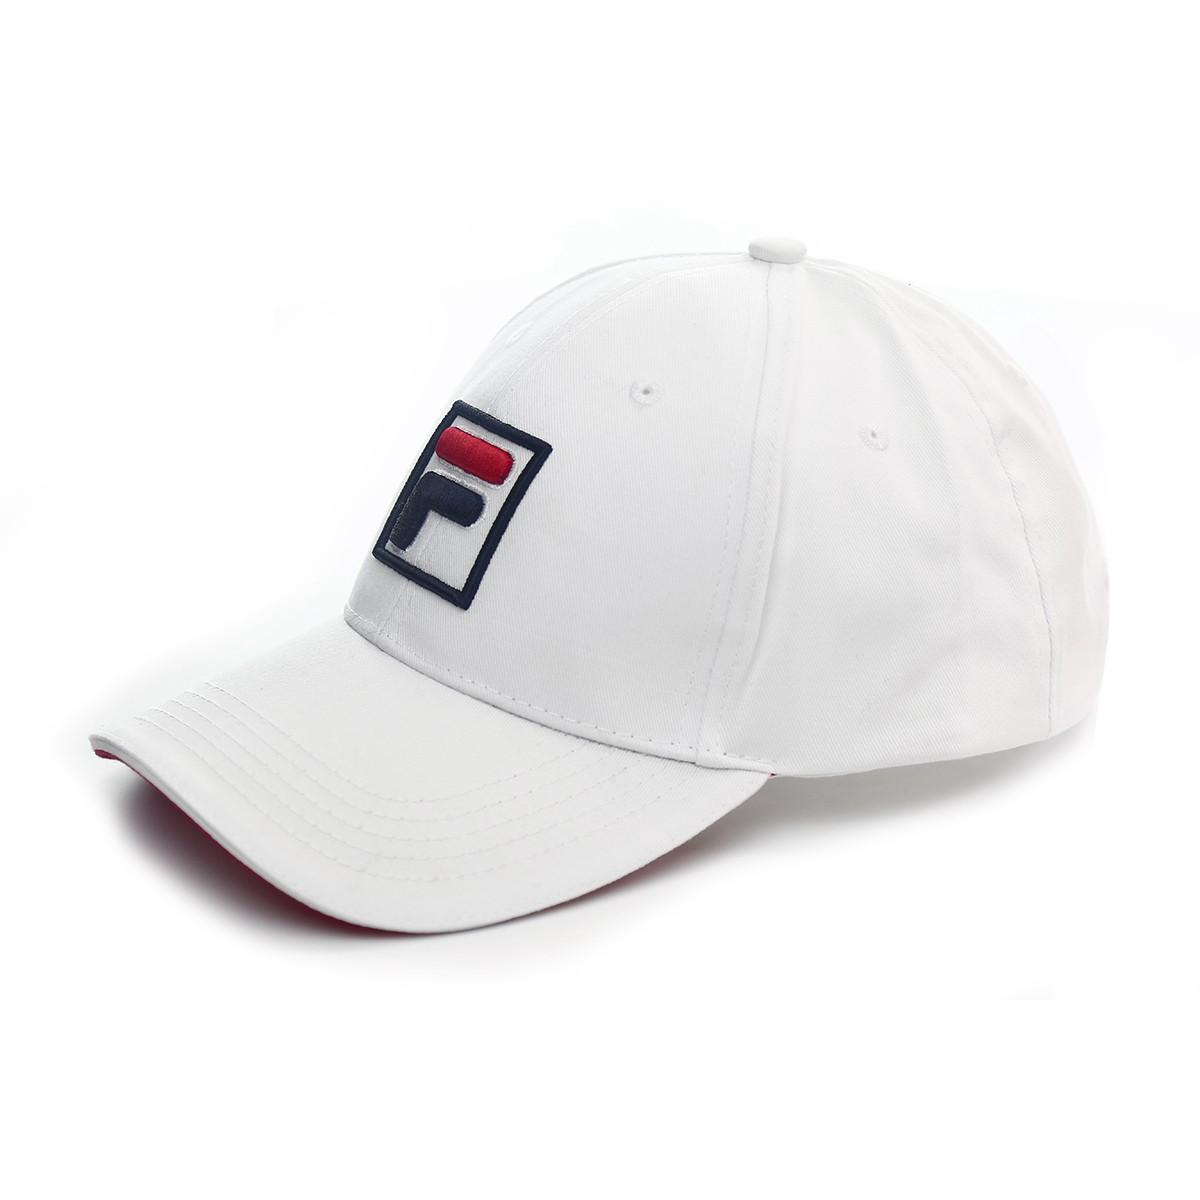 4c17b2a50d1 FILA FORZE CAP